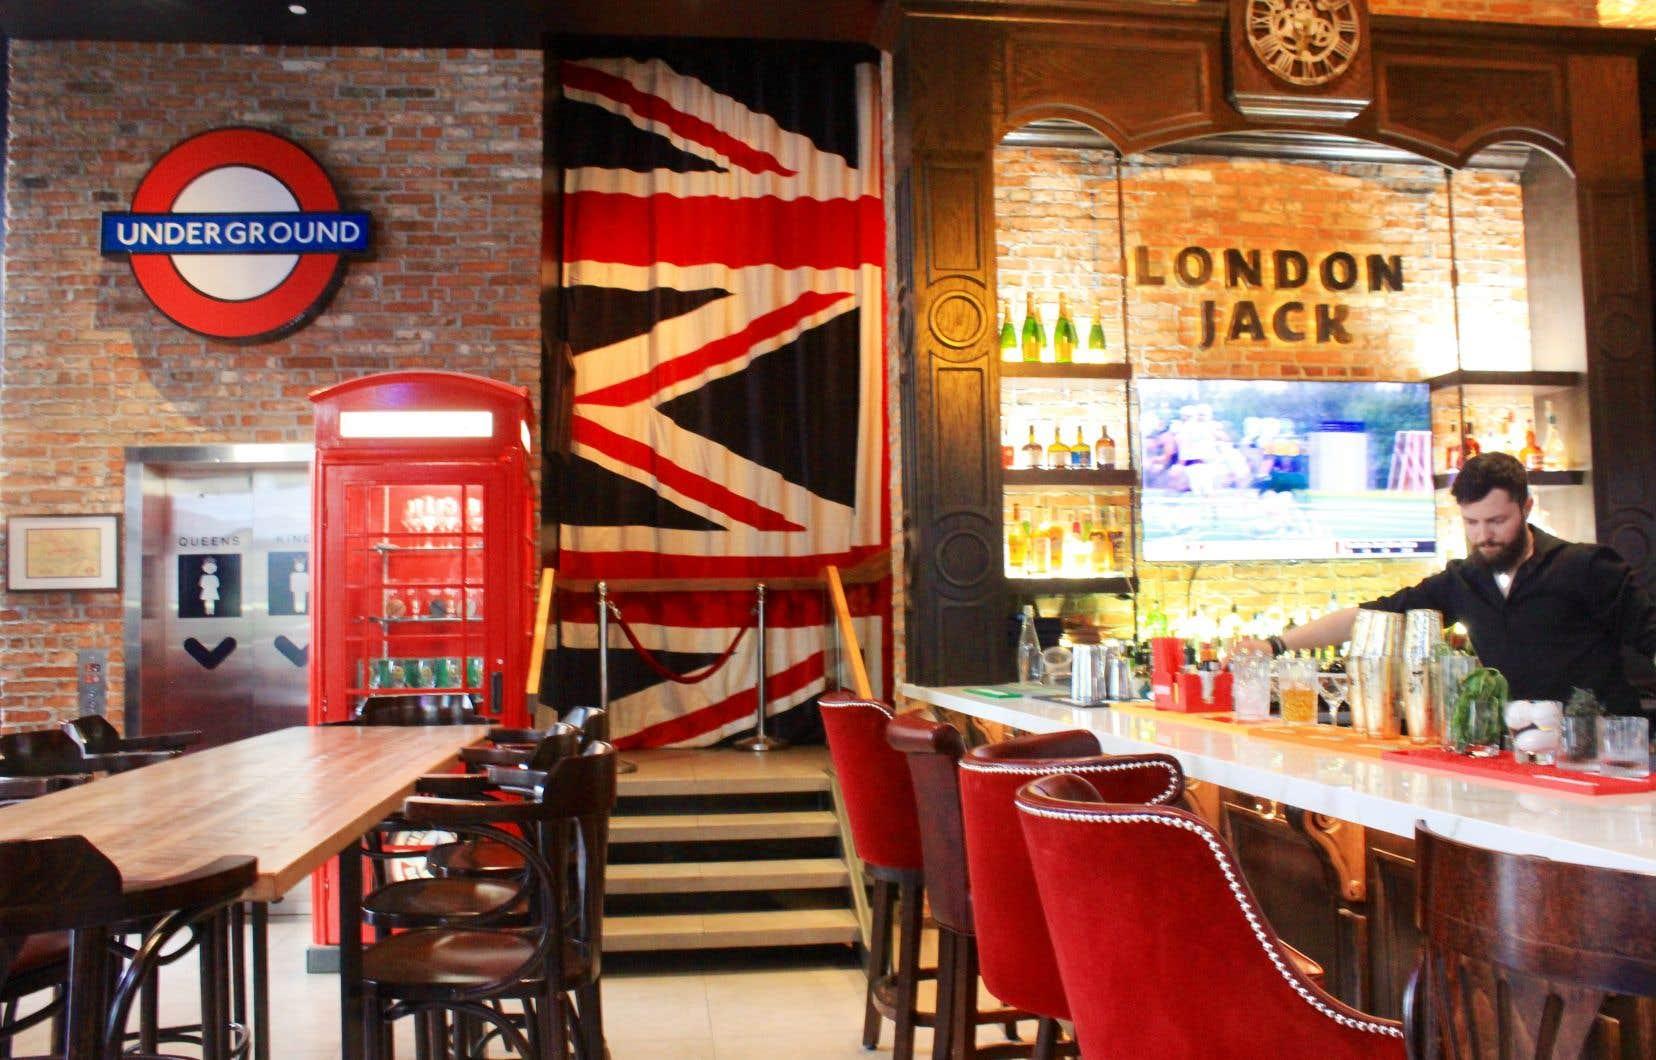 Les couleurs de l'Union Jack habillent la salle à manger, donnant une touche de kitch irrévérencieux et assumé.